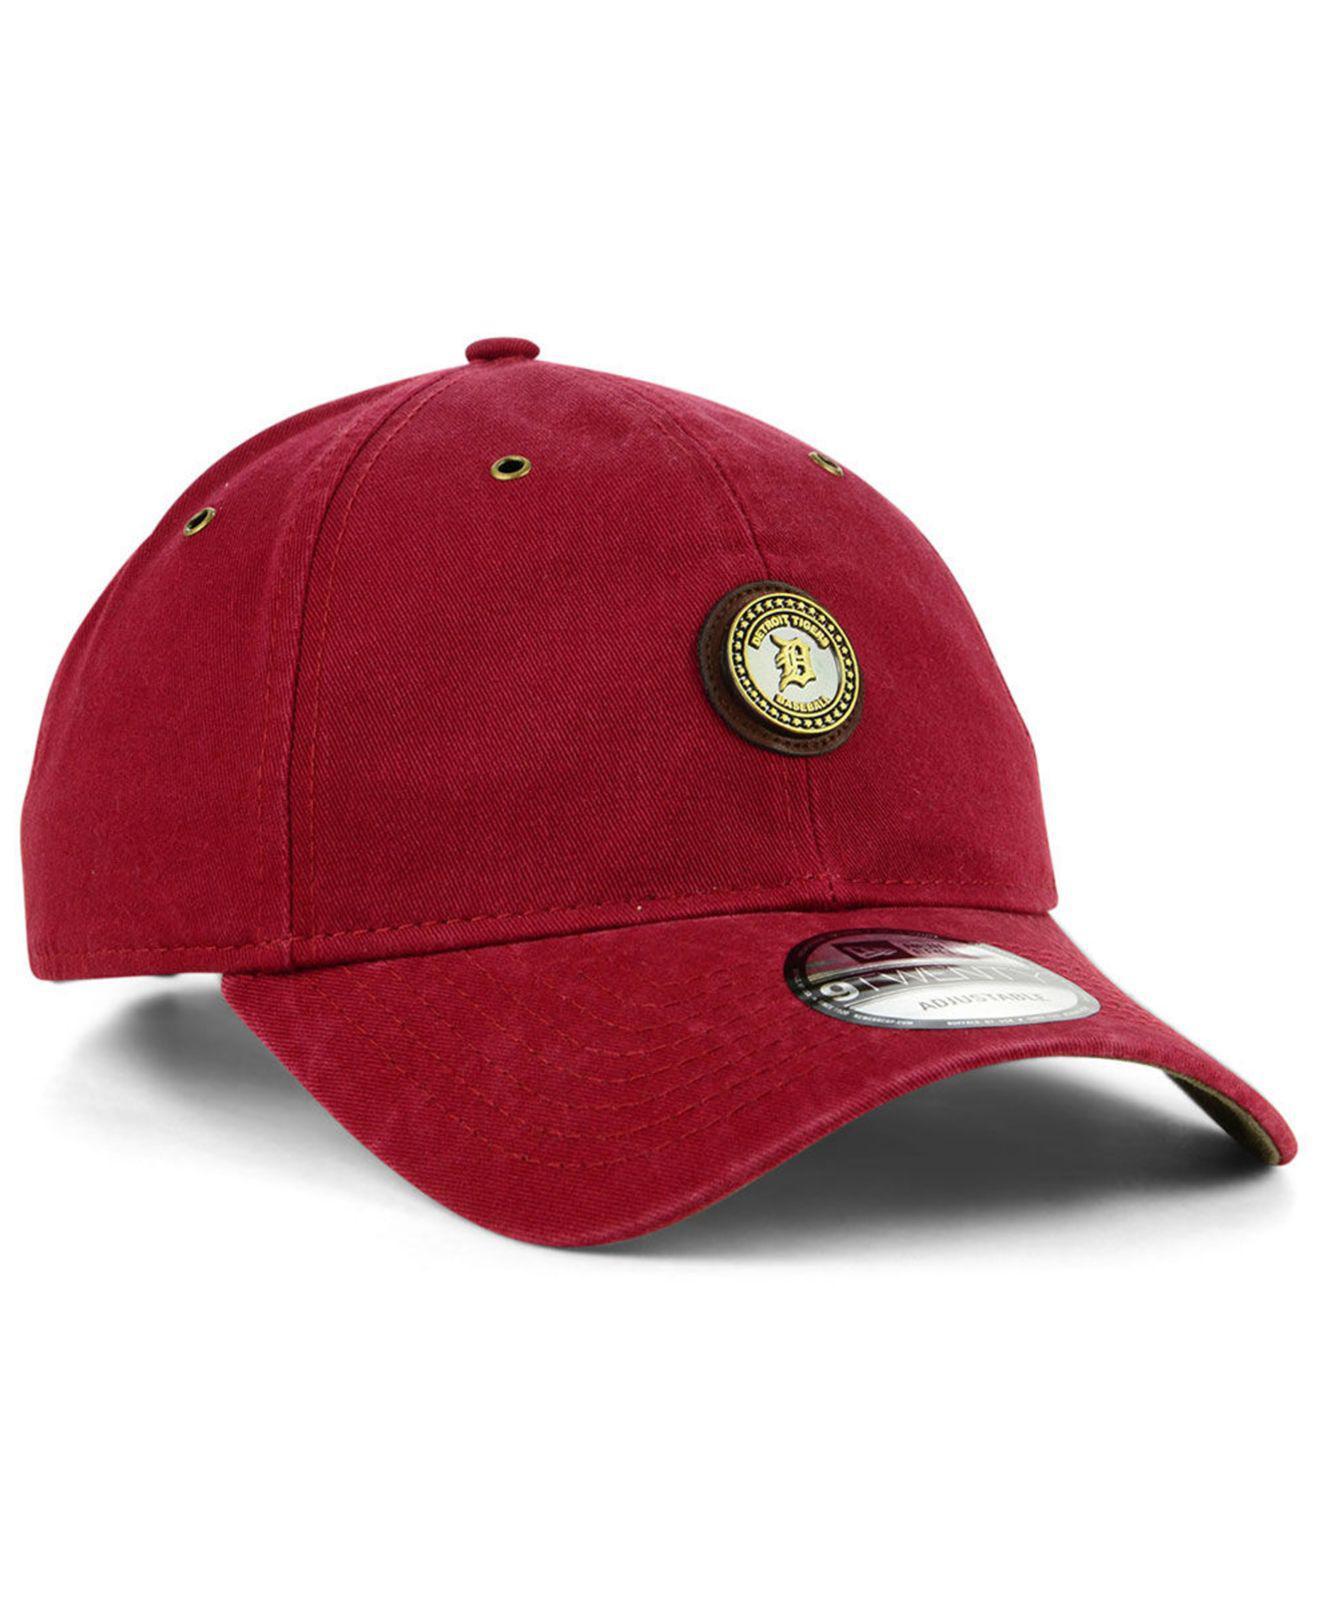 online store 6edab 2bd46 ... get detroit tigers coin 9twenty cap for men lyst. view fullscreen e67a1  f3b3c